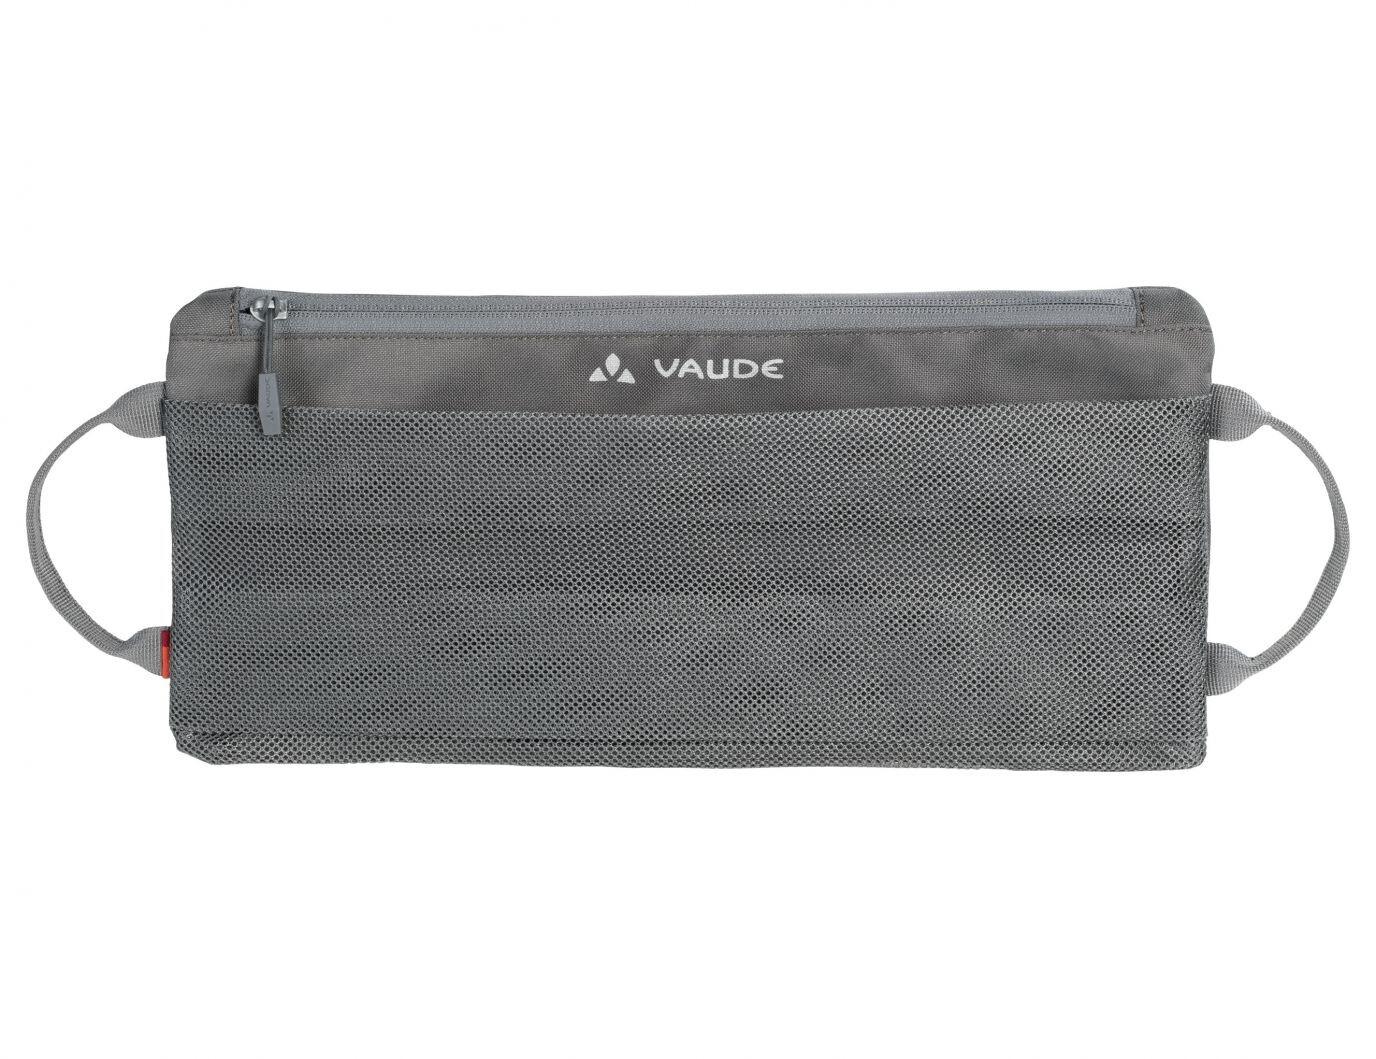 VAUDE Addita Cykeltaske, anthracite (2019) | Tasker til bagagebærer